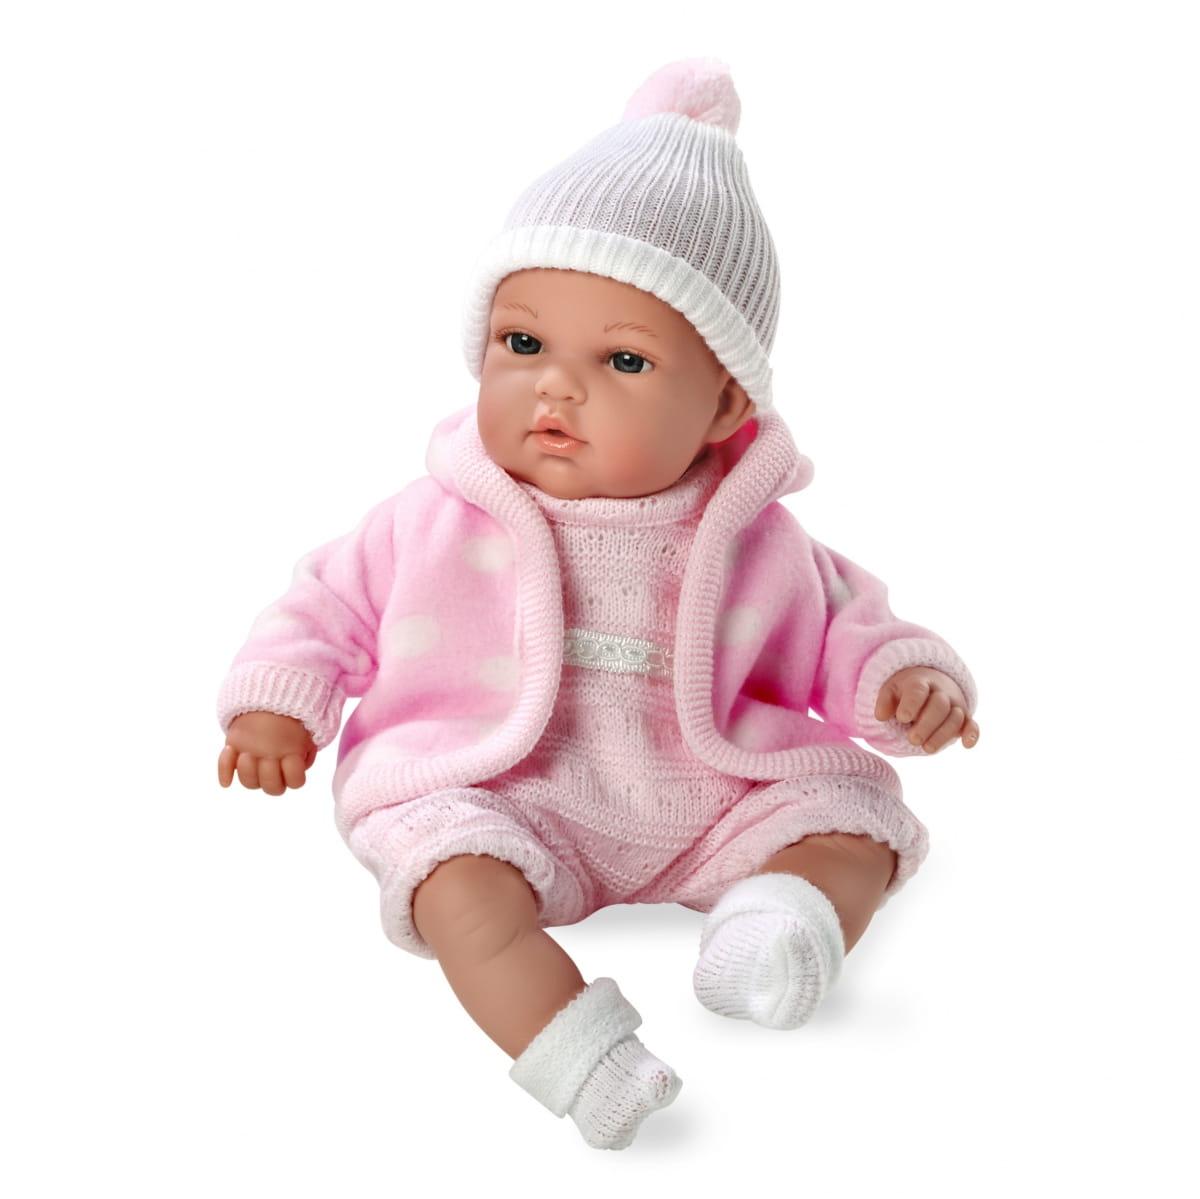 Пупс Arias Т59783 в розовой флисовой курточке - 33 см